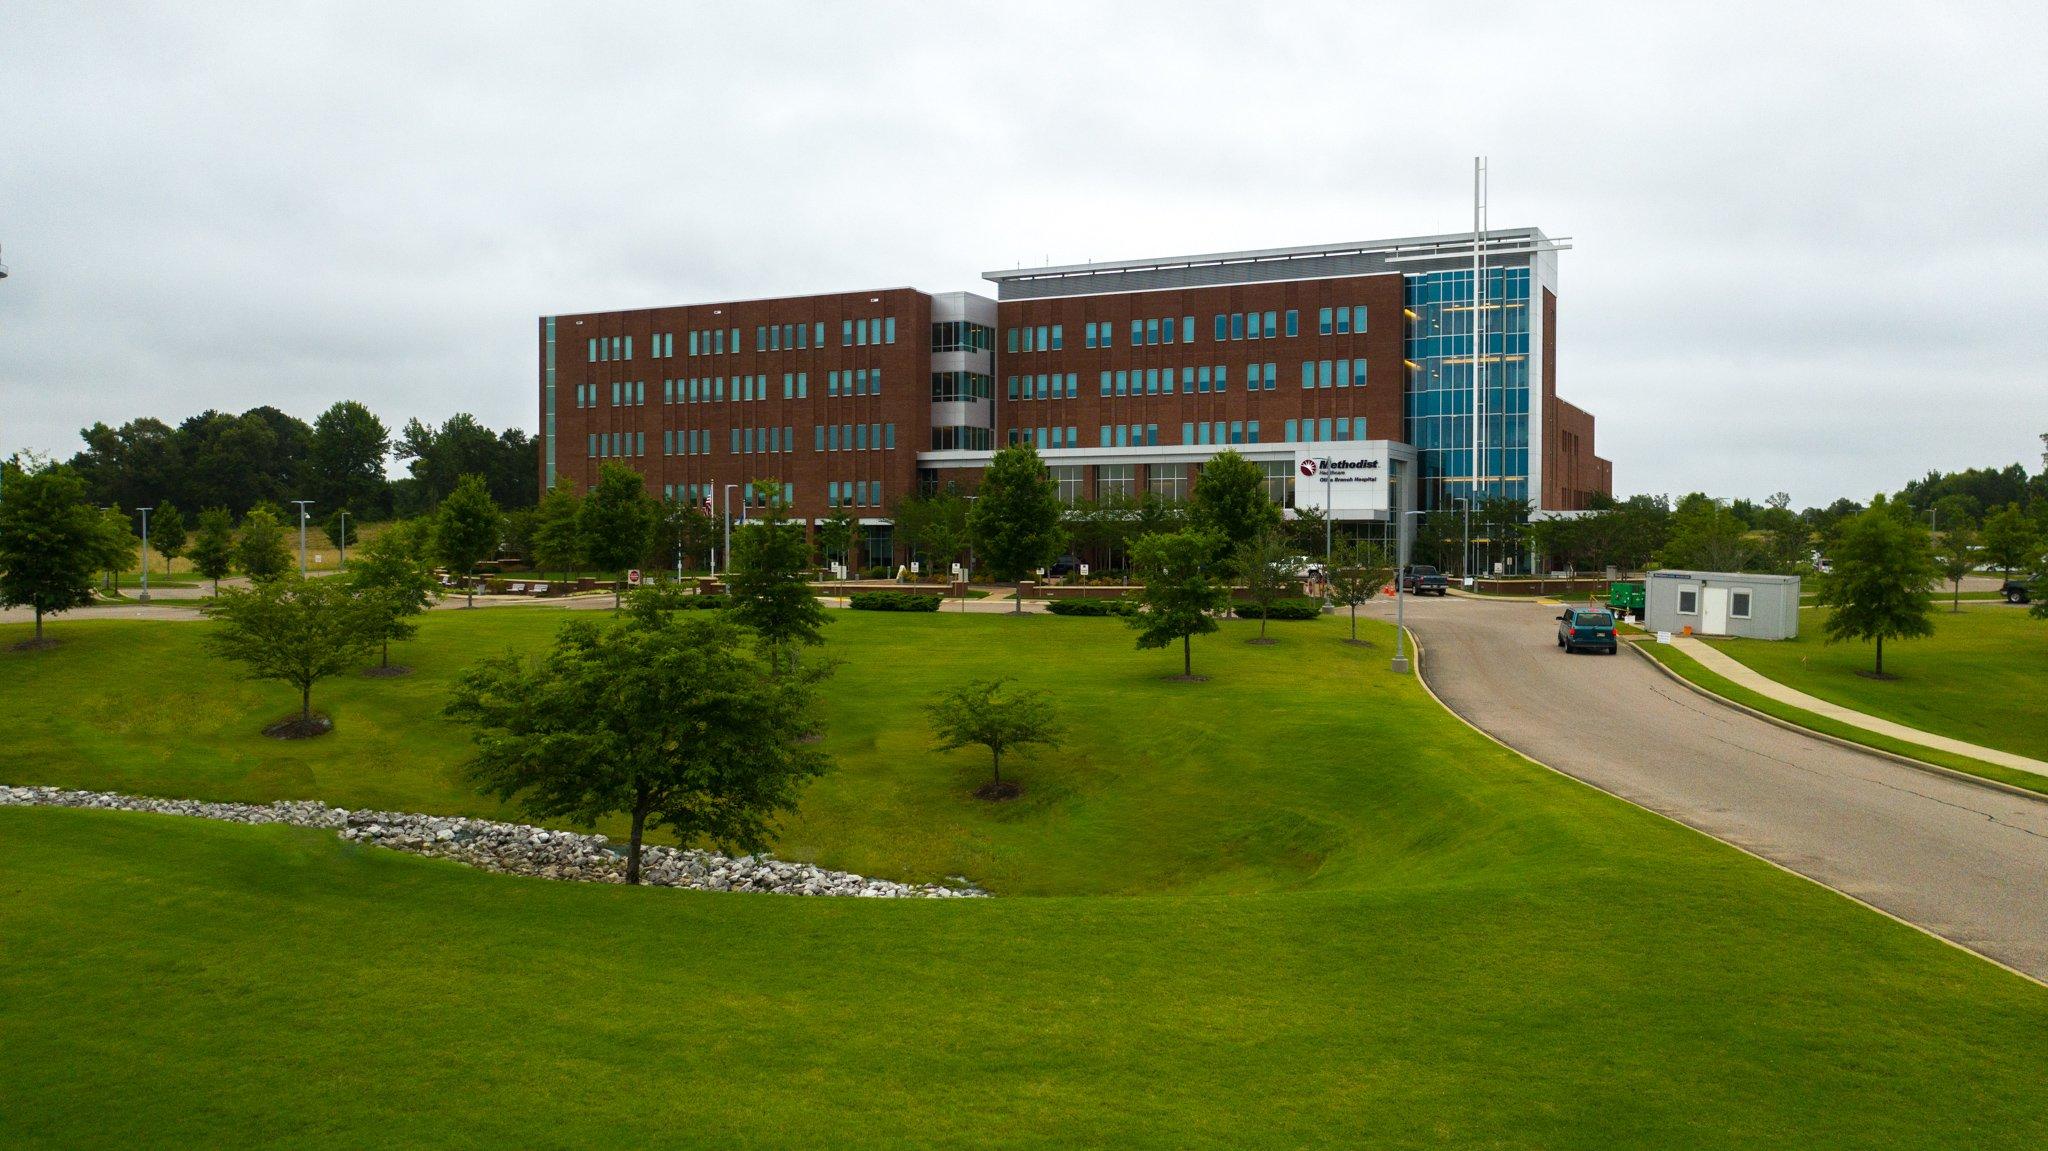 Methodist Olive Branch Hospital landscape and entrance